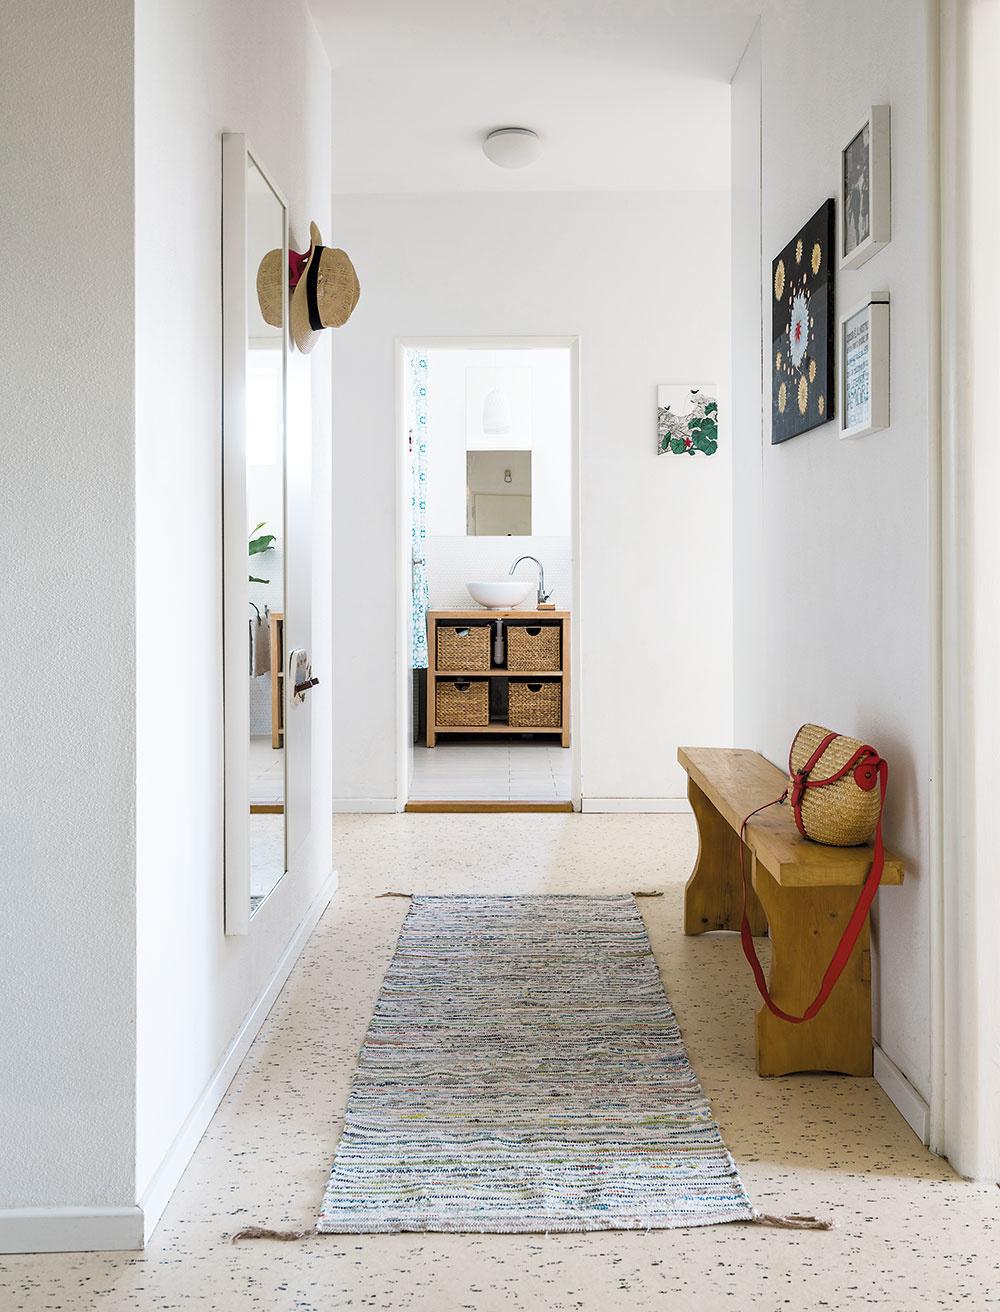 Aj vstupné priestory by mali naplno odzrkadliť vašu osobnosť. Peknou ukážkou je bývanie architektky Zuzany Piatrovej a jej rodiny. Základom sú tvárne biele steny, na ktorých nechýbajú menšie obrazy. Tie priestor dekorujú a v rôznej forme sa prelínajú celým bytom.